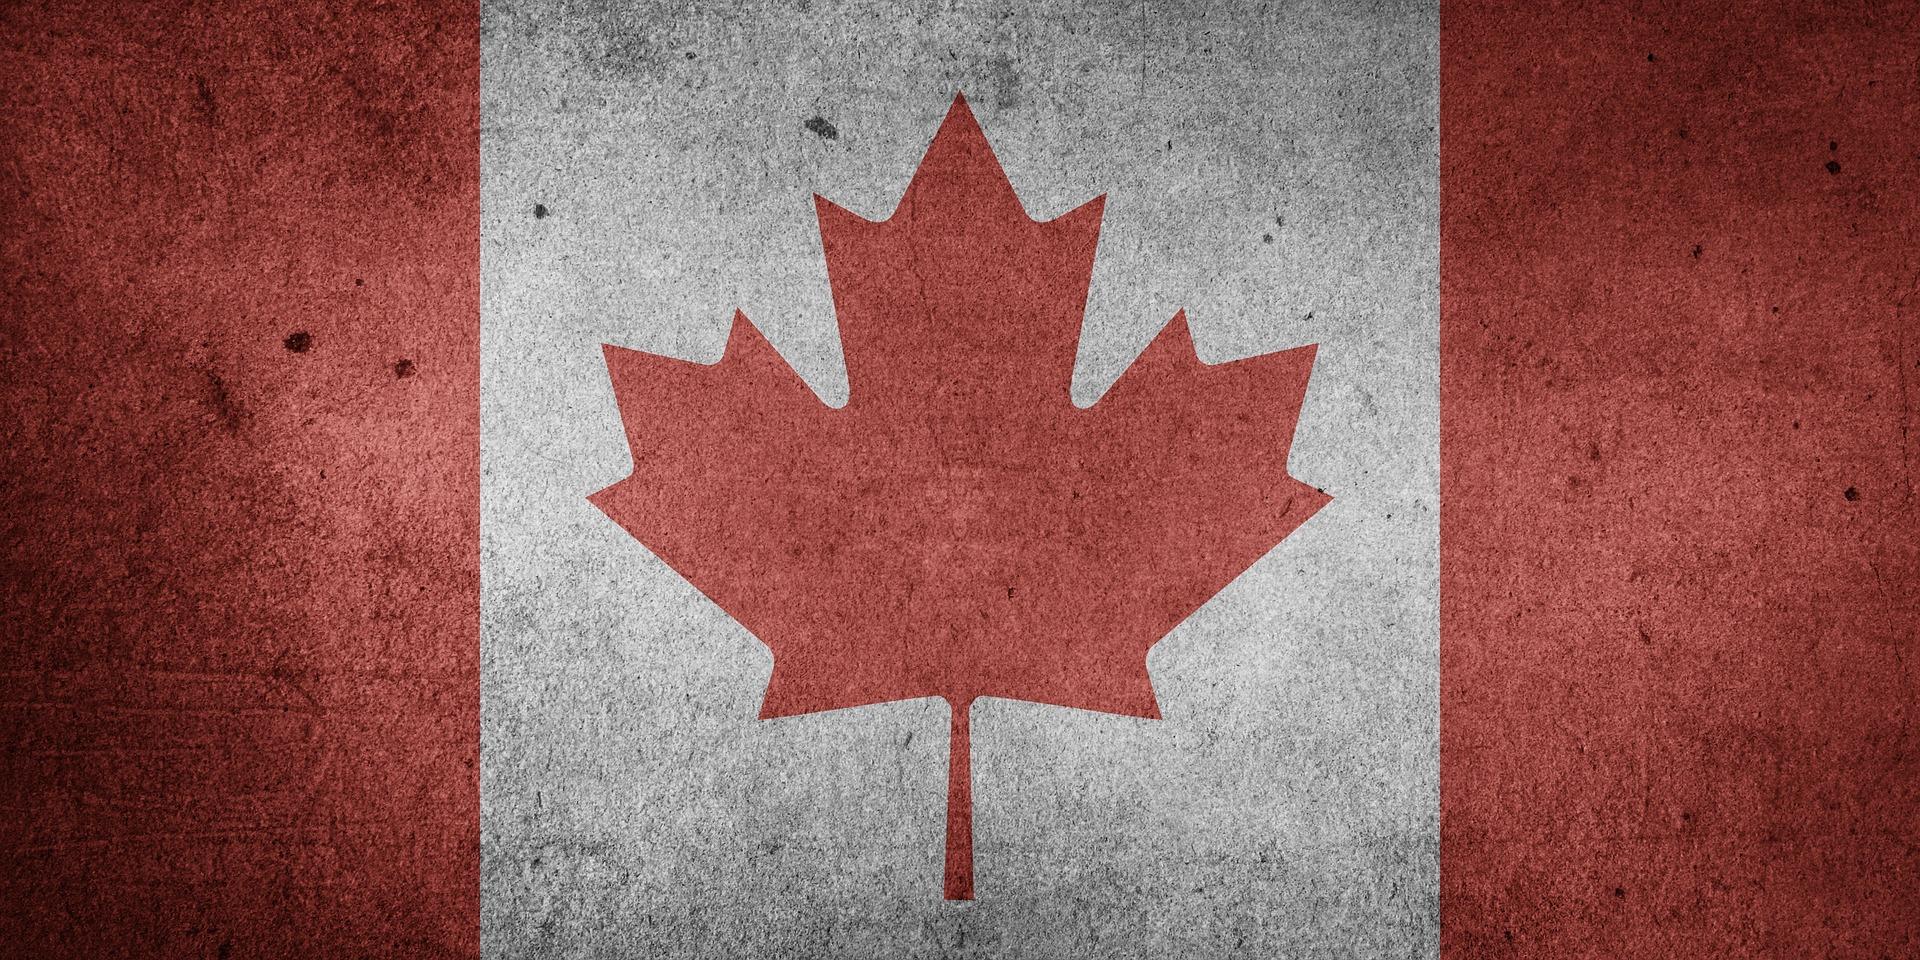 DALL'AUTORITA' PER LA PROTEZIONE DEI DATI DEL CANADA: Riepilogo Delle Leggi Sulla Privacy In Canada